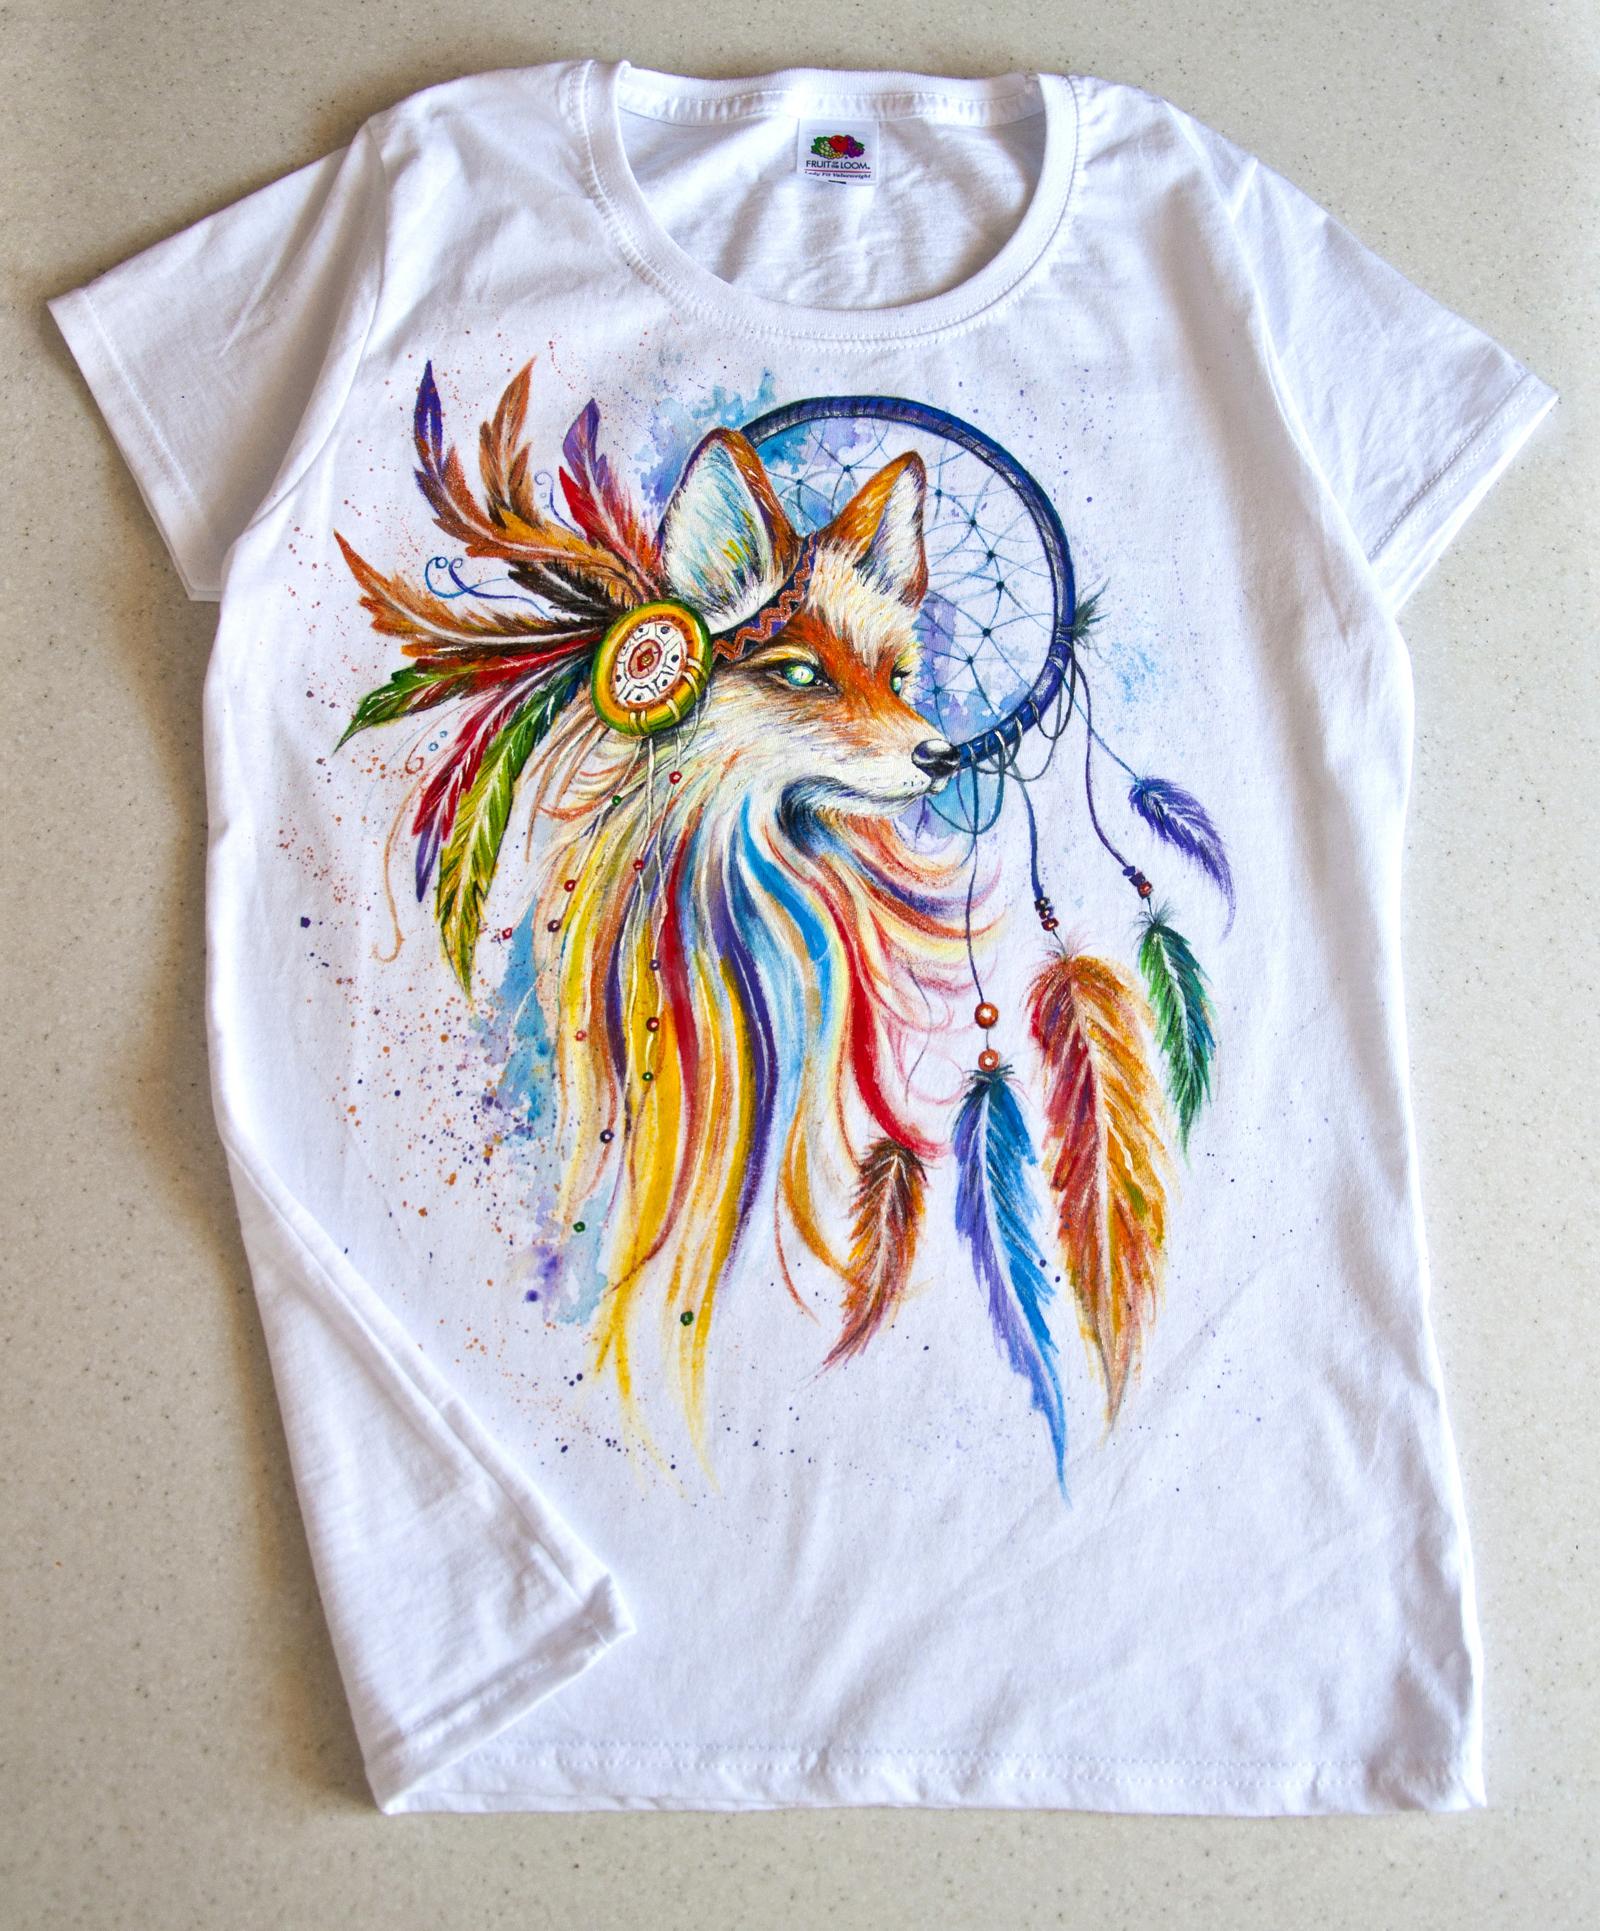 Как раскрасить акрилом футболку